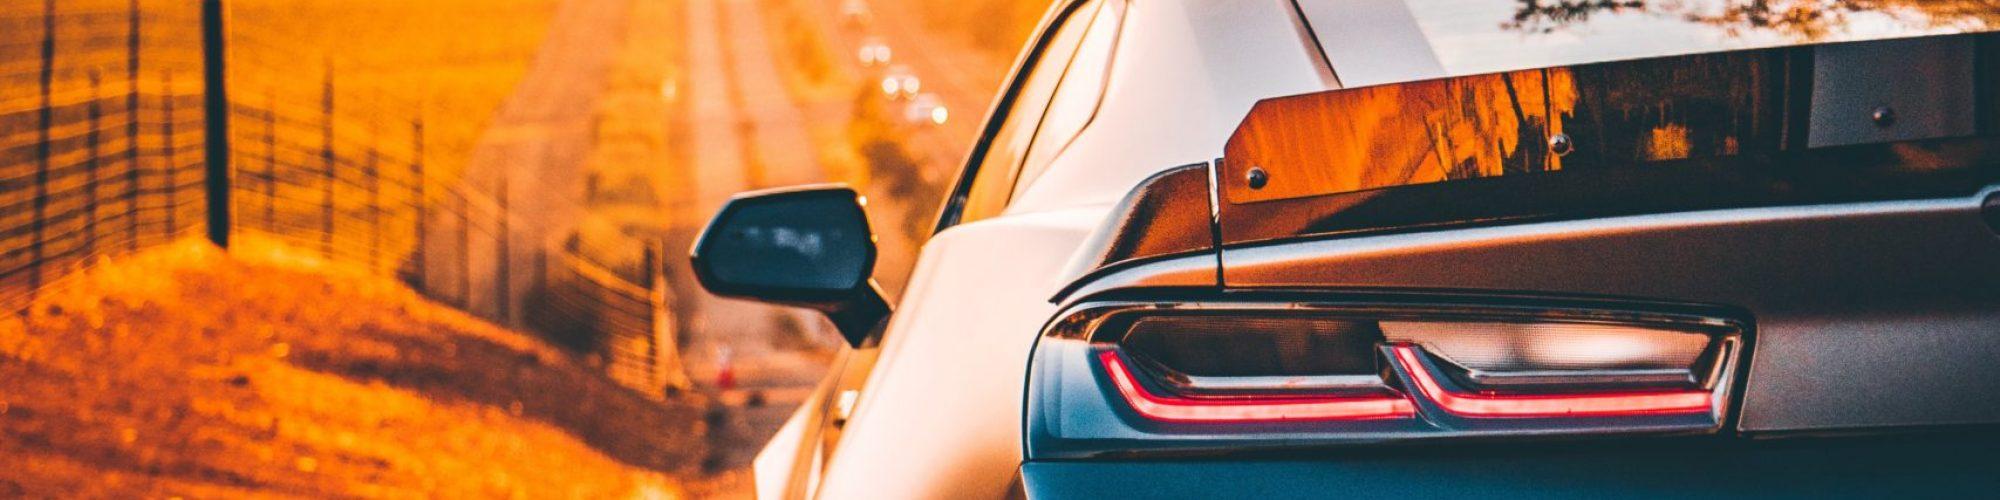 Prodotti assicurativi per i veicoli